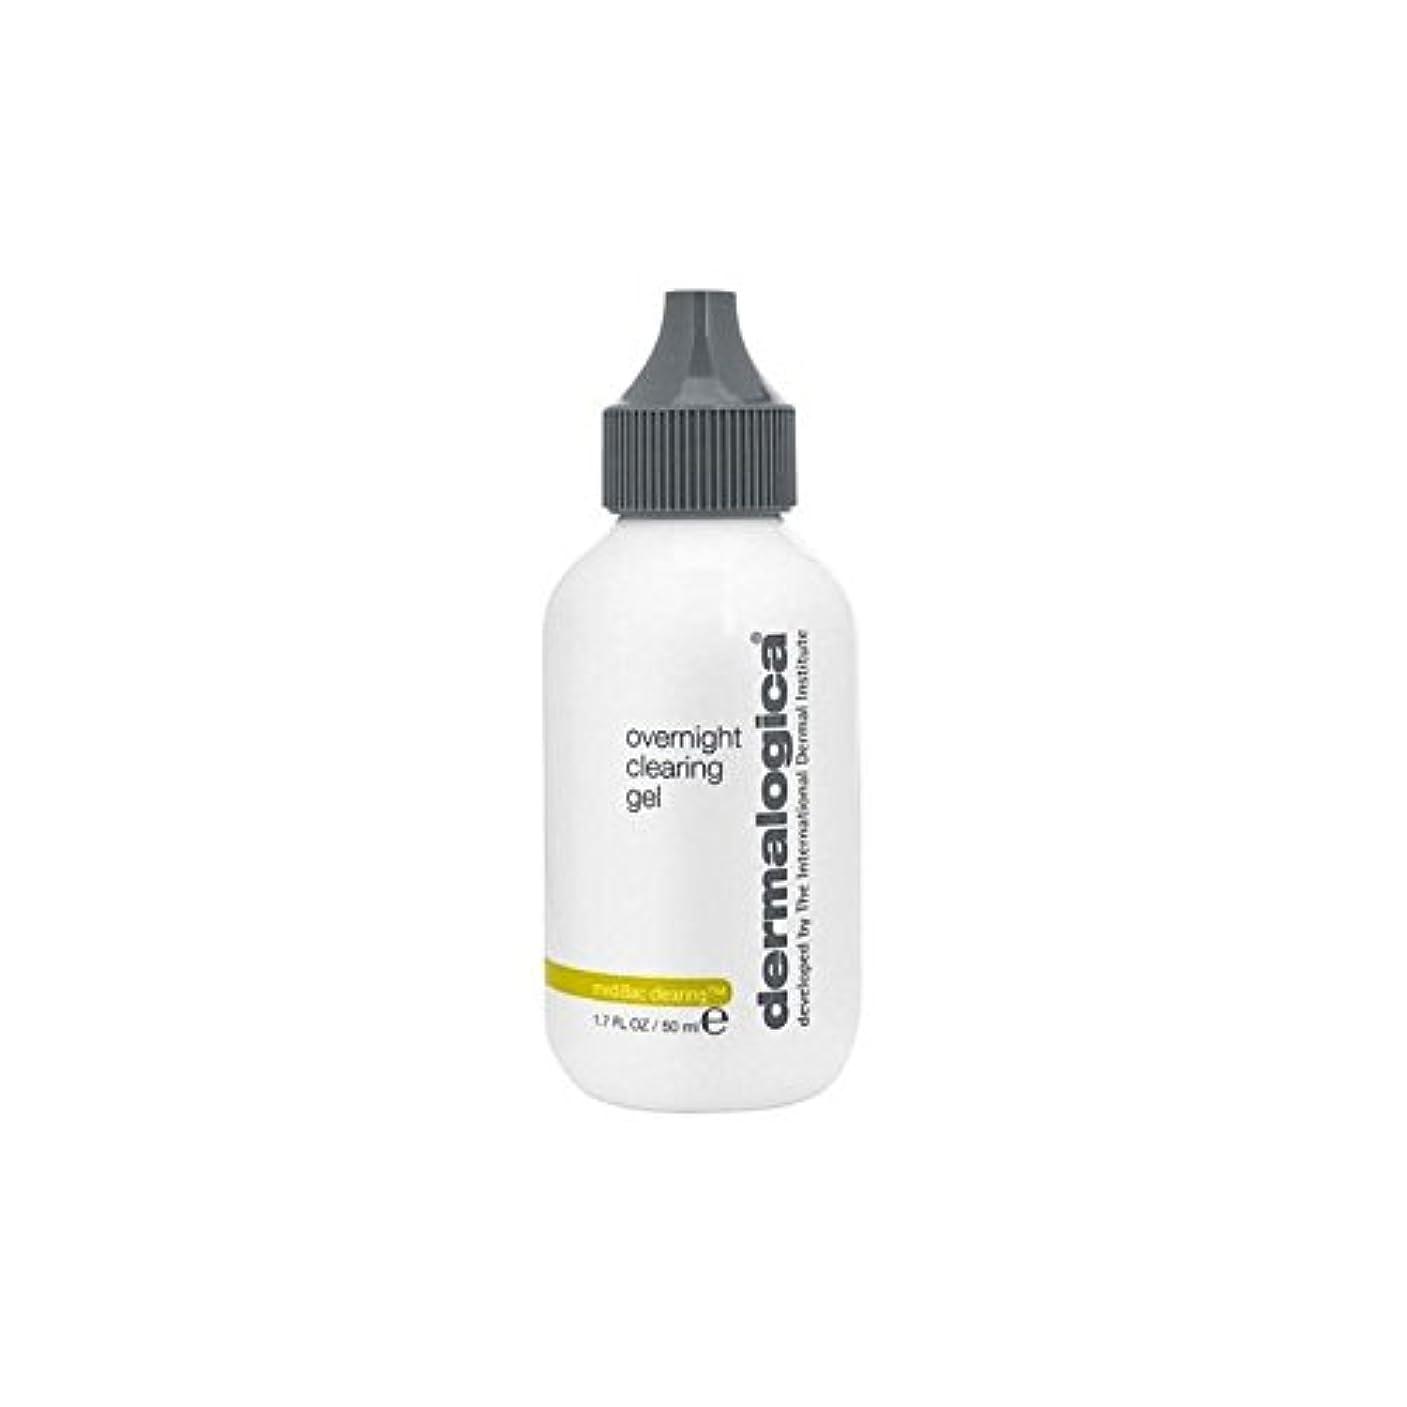 分子離すスパンダーマロジカ一晩透明ゲル(50)中 x4 - Dermalogica Medibac Overnight Clearing Gel (50ml) (Pack of 4) [並行輸入品]